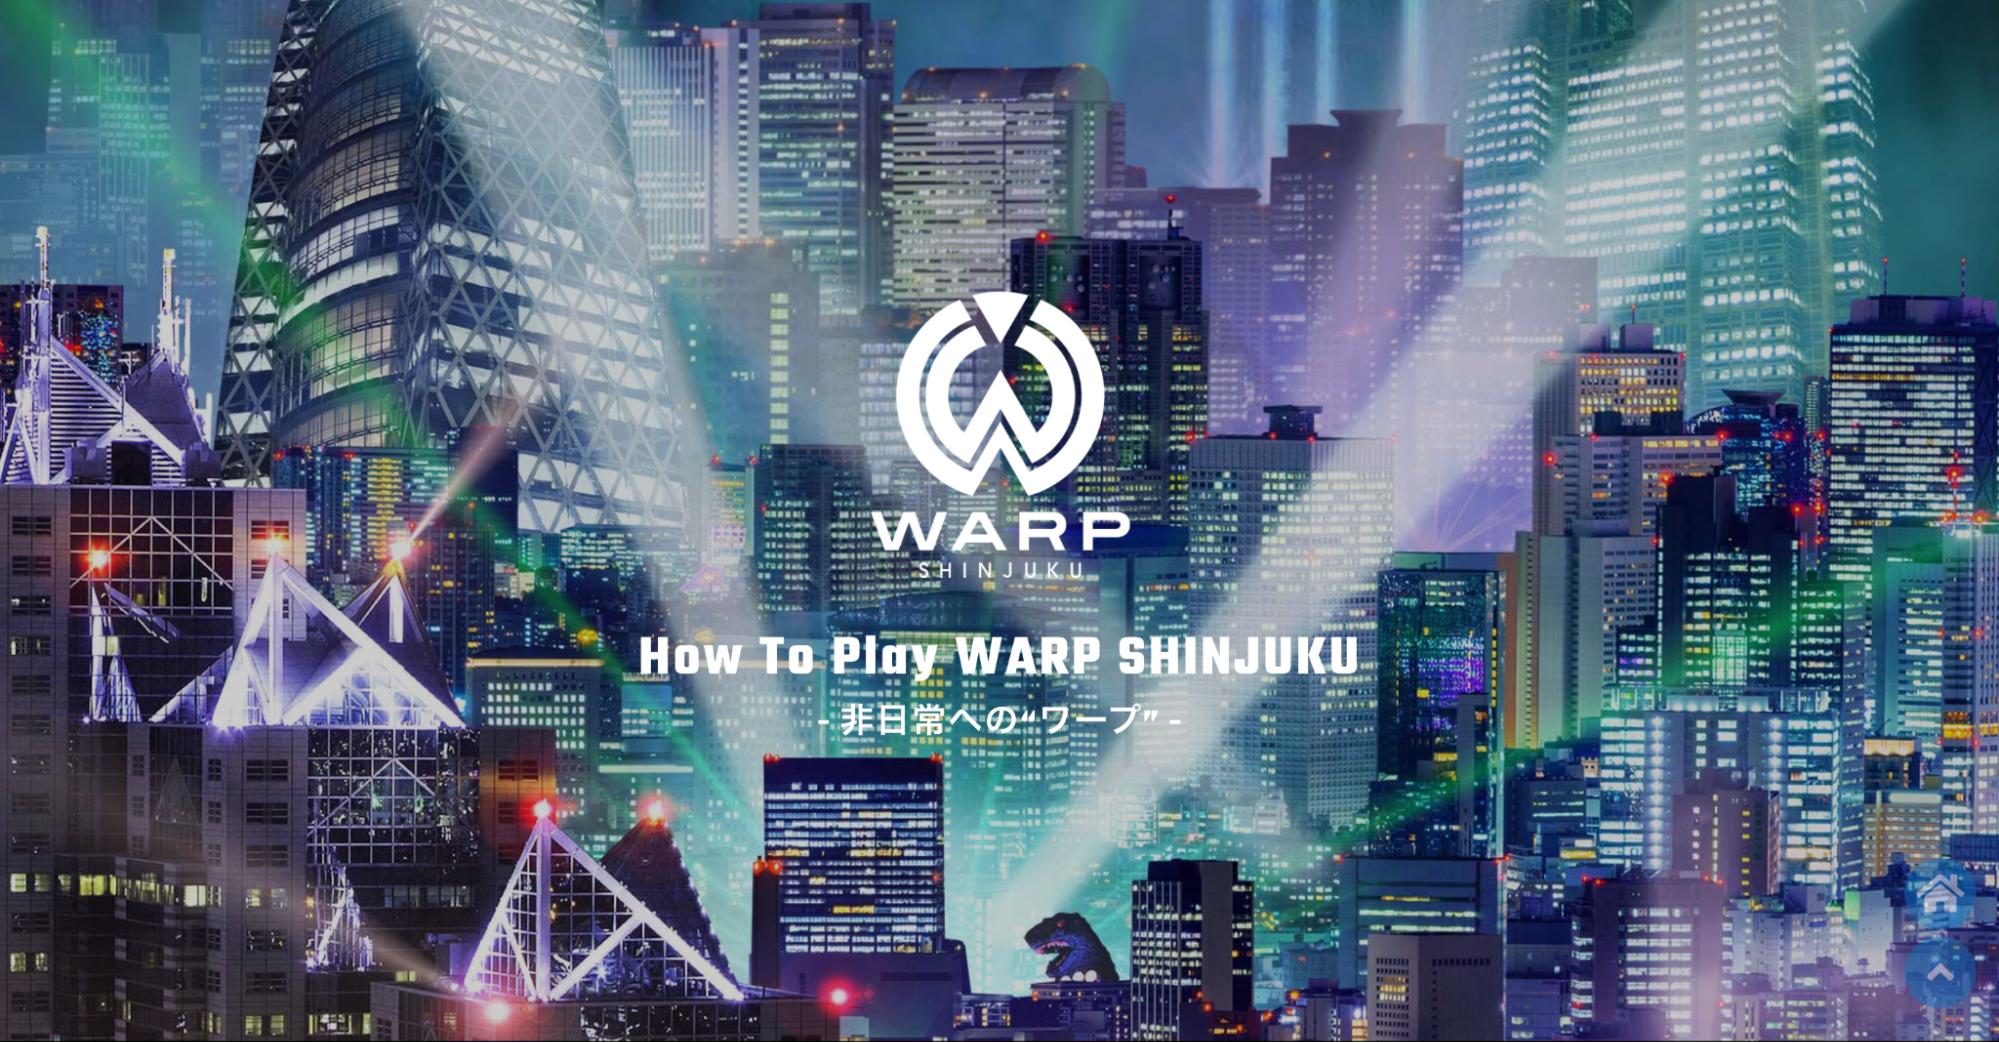 【最新版】新宿のナイトクラブ「WARP(ワープ) SHINJUKU」をご紹介!